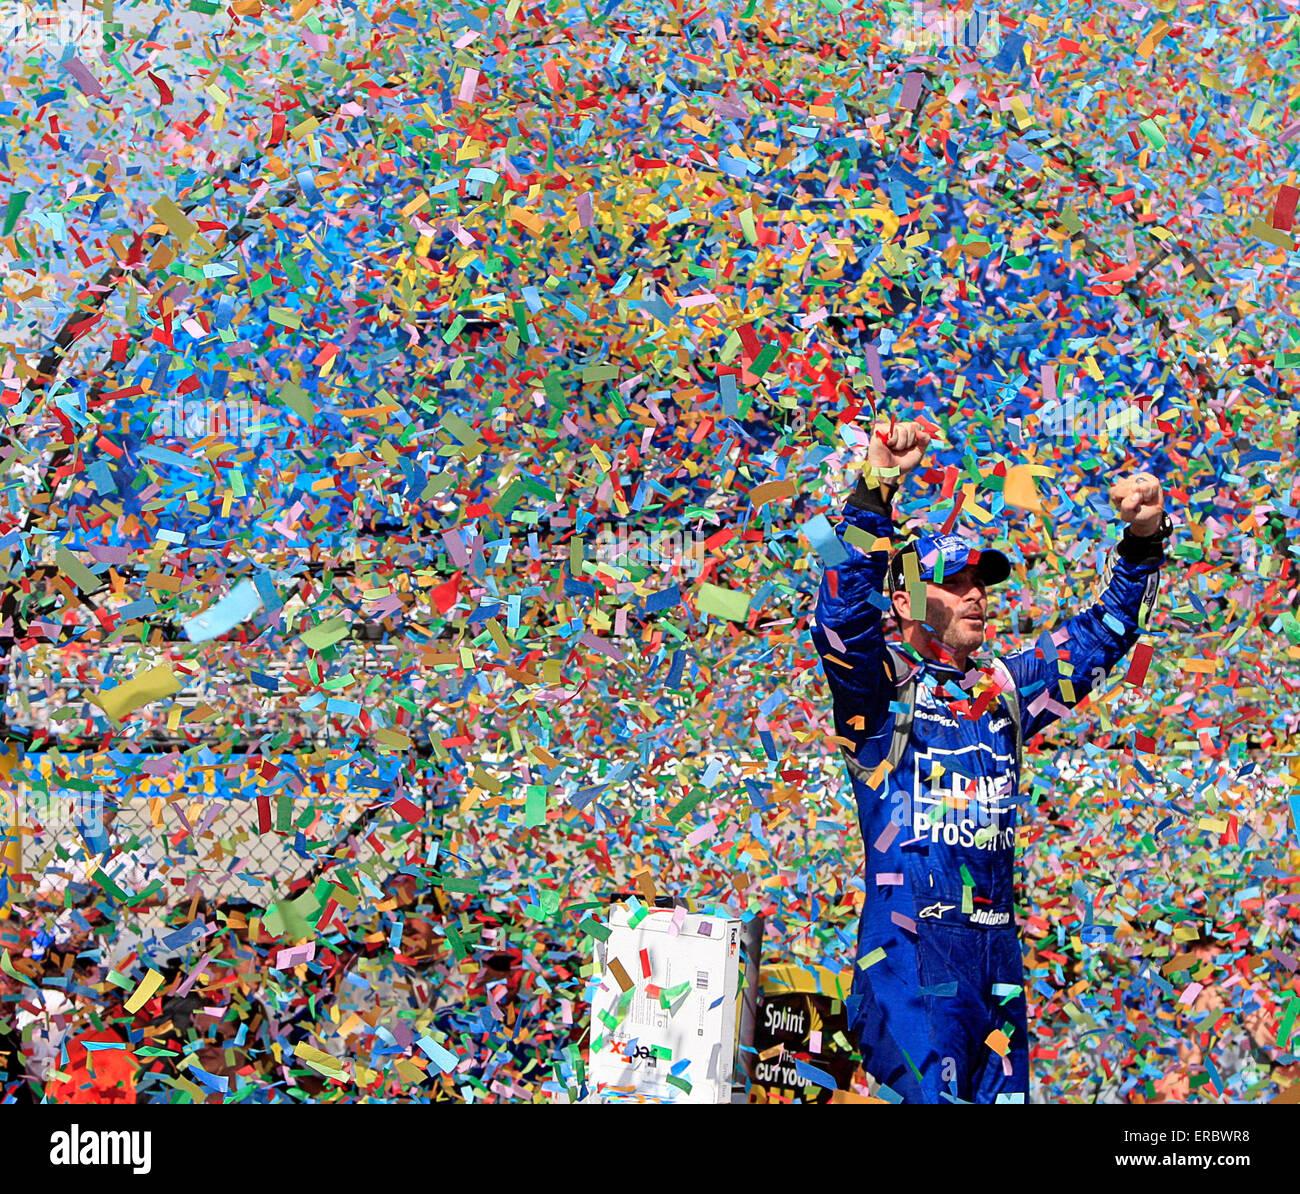 Dover, Delaware, USA. 31 mai, 2015. JIMMIE JOHNSON (48) célèbre la victoire 400 FedEx bénéficiant Photo Stock